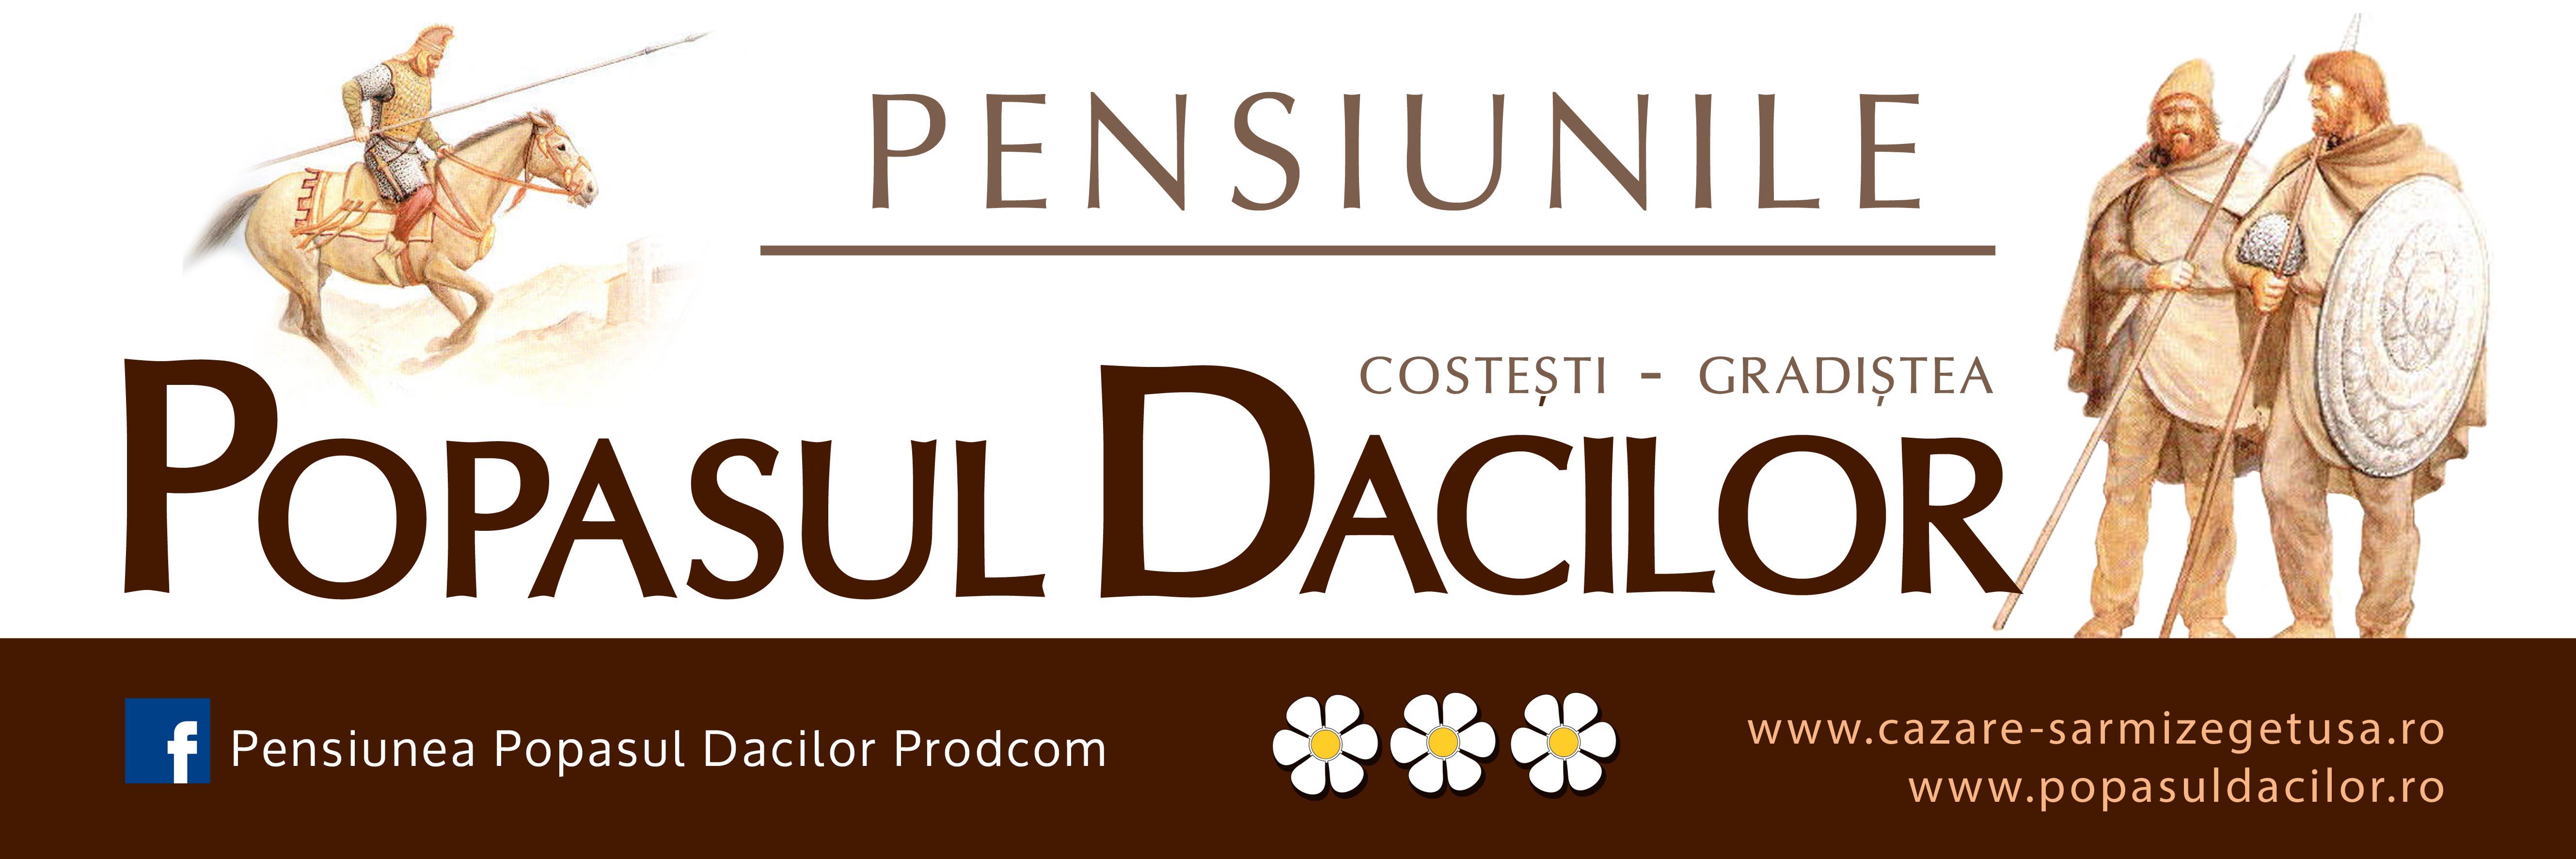 Pensiunile_Popasul_Dacilor_Costesti_Hunedoara